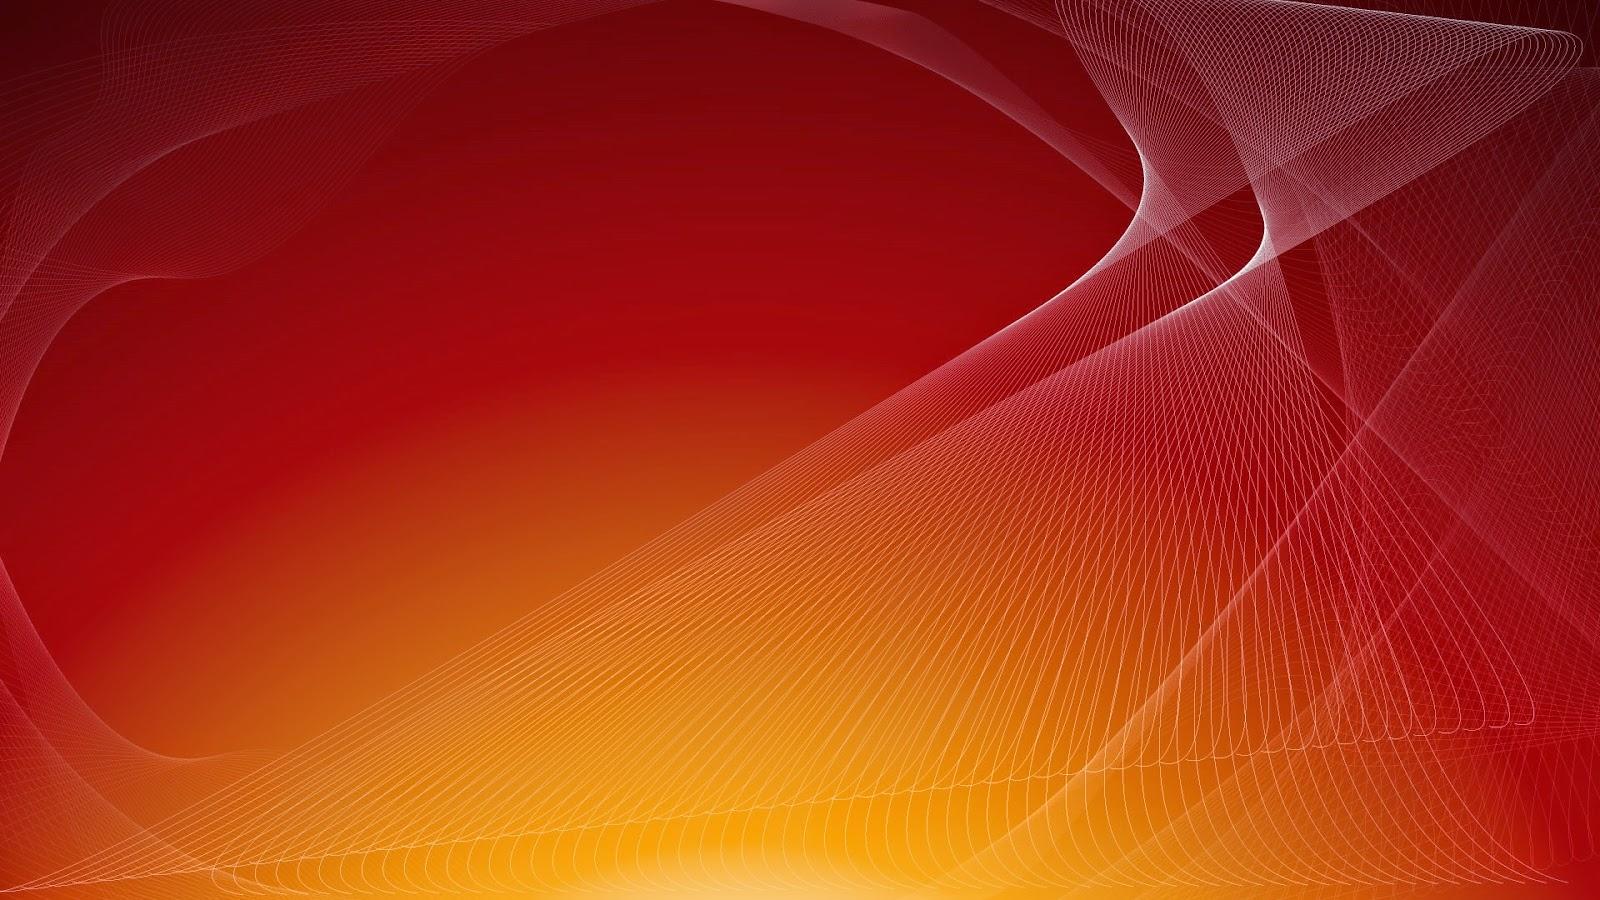 Abstracte wallpaper met zonsondergang kleuren